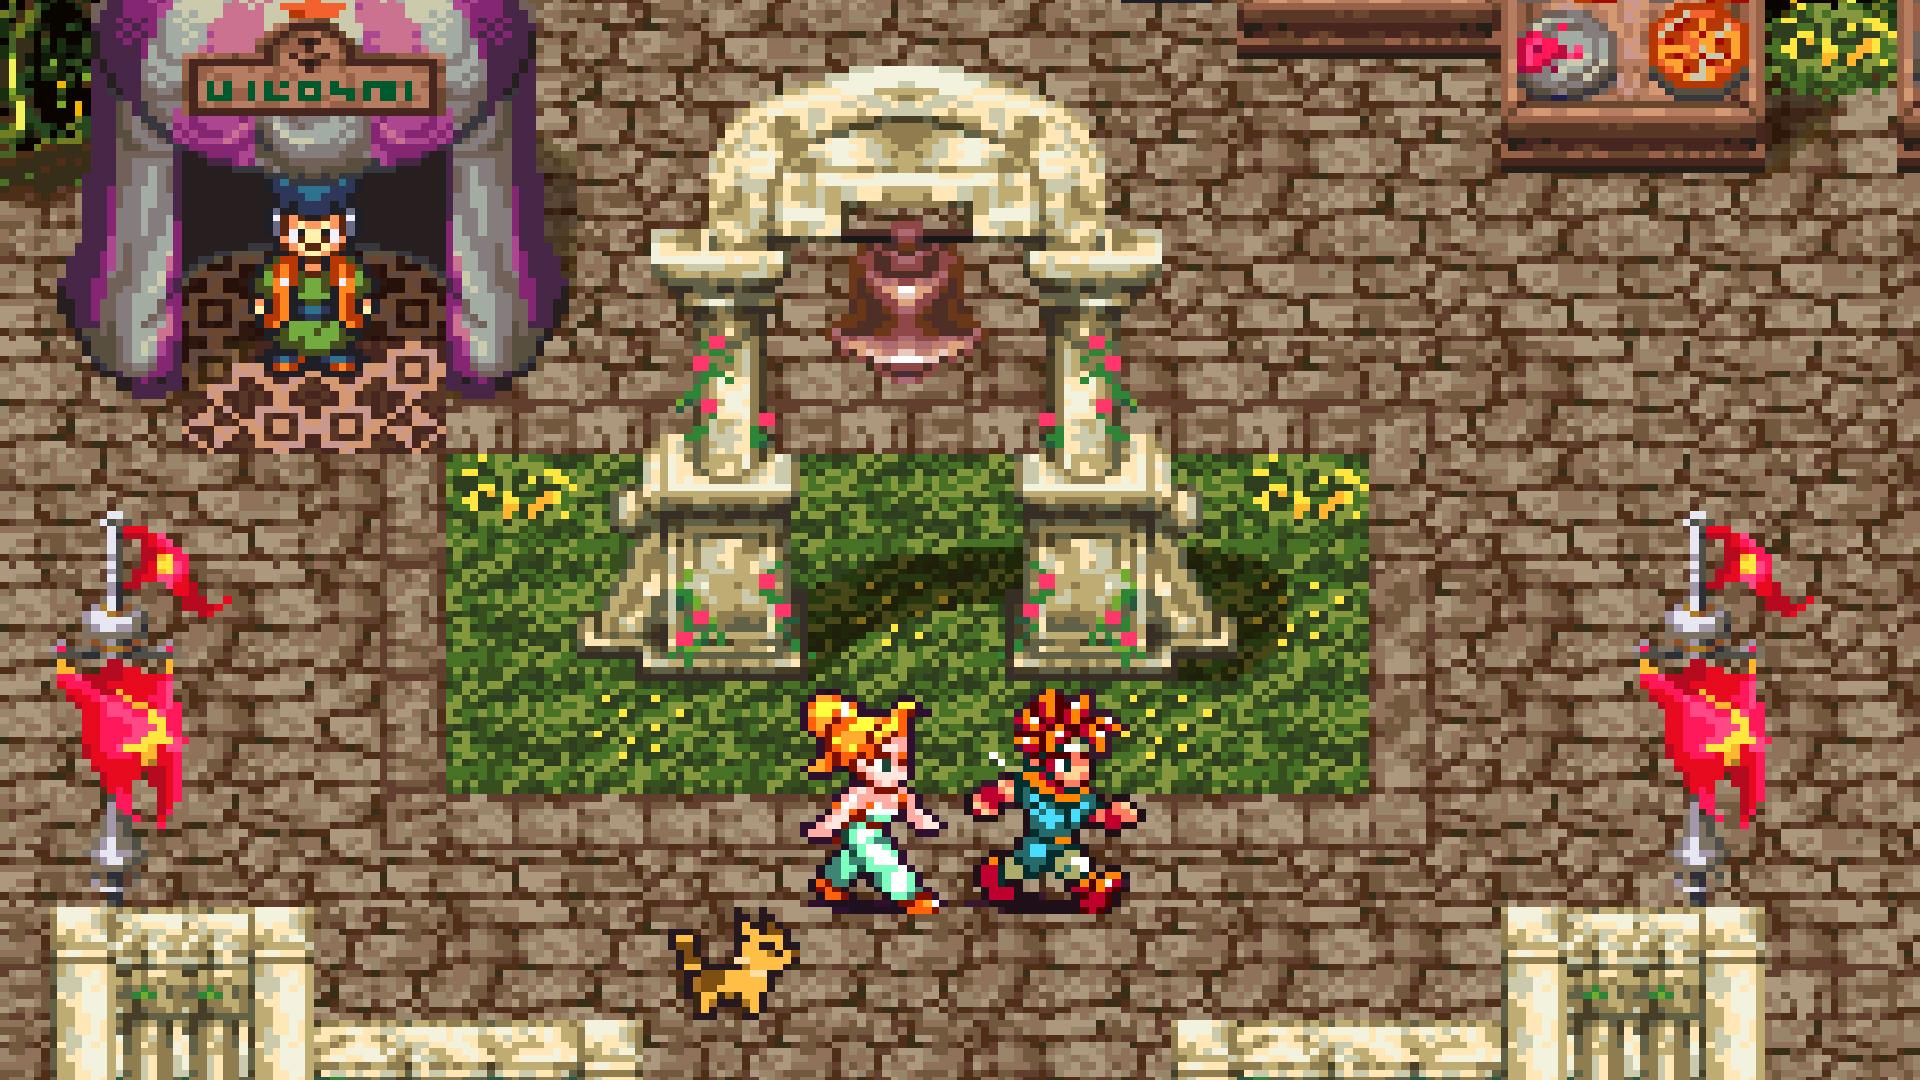 Wallpaper Pixel Art Video Games Retro Games Screen Shot